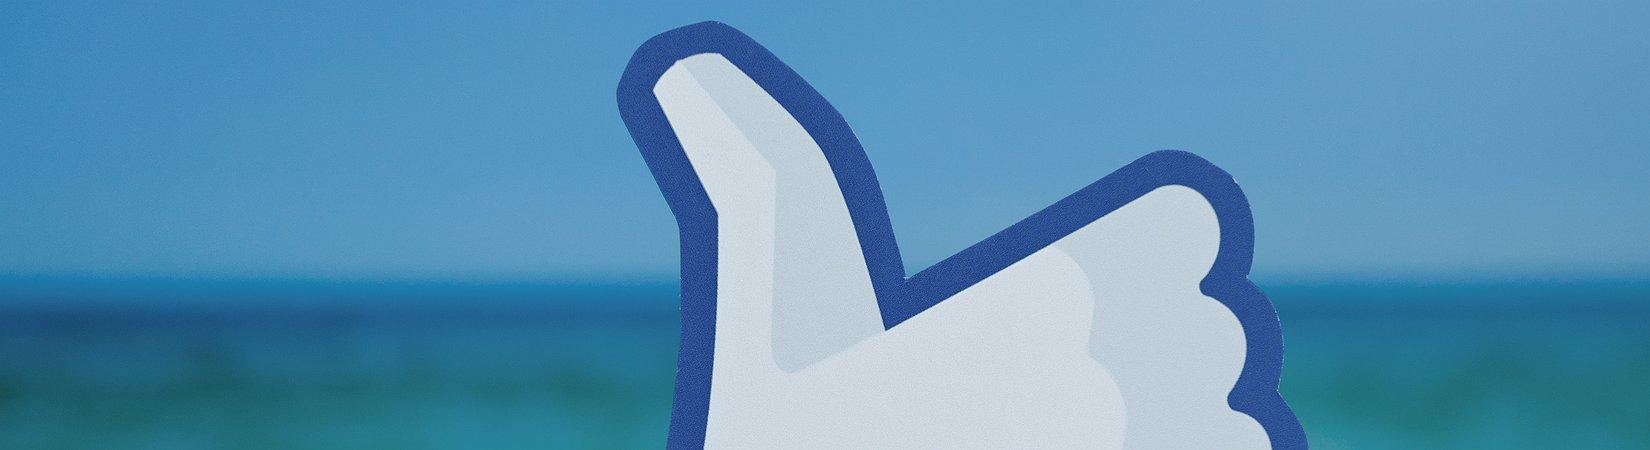 Facebook testa due feed separati per Pagine e profili personali